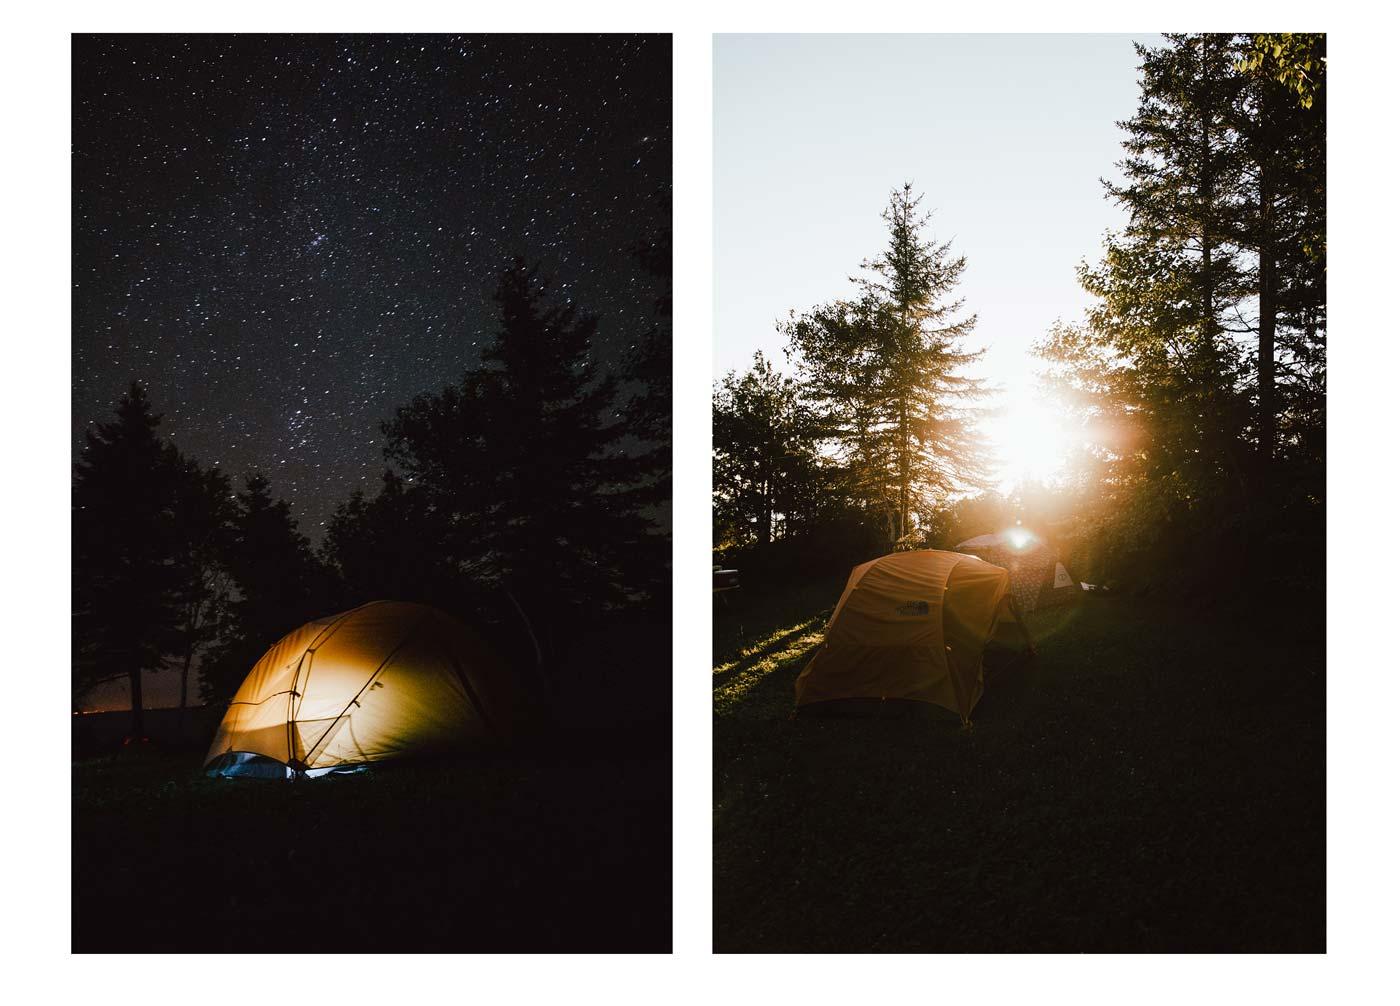 le camping au rocher boise nouveau brunswick